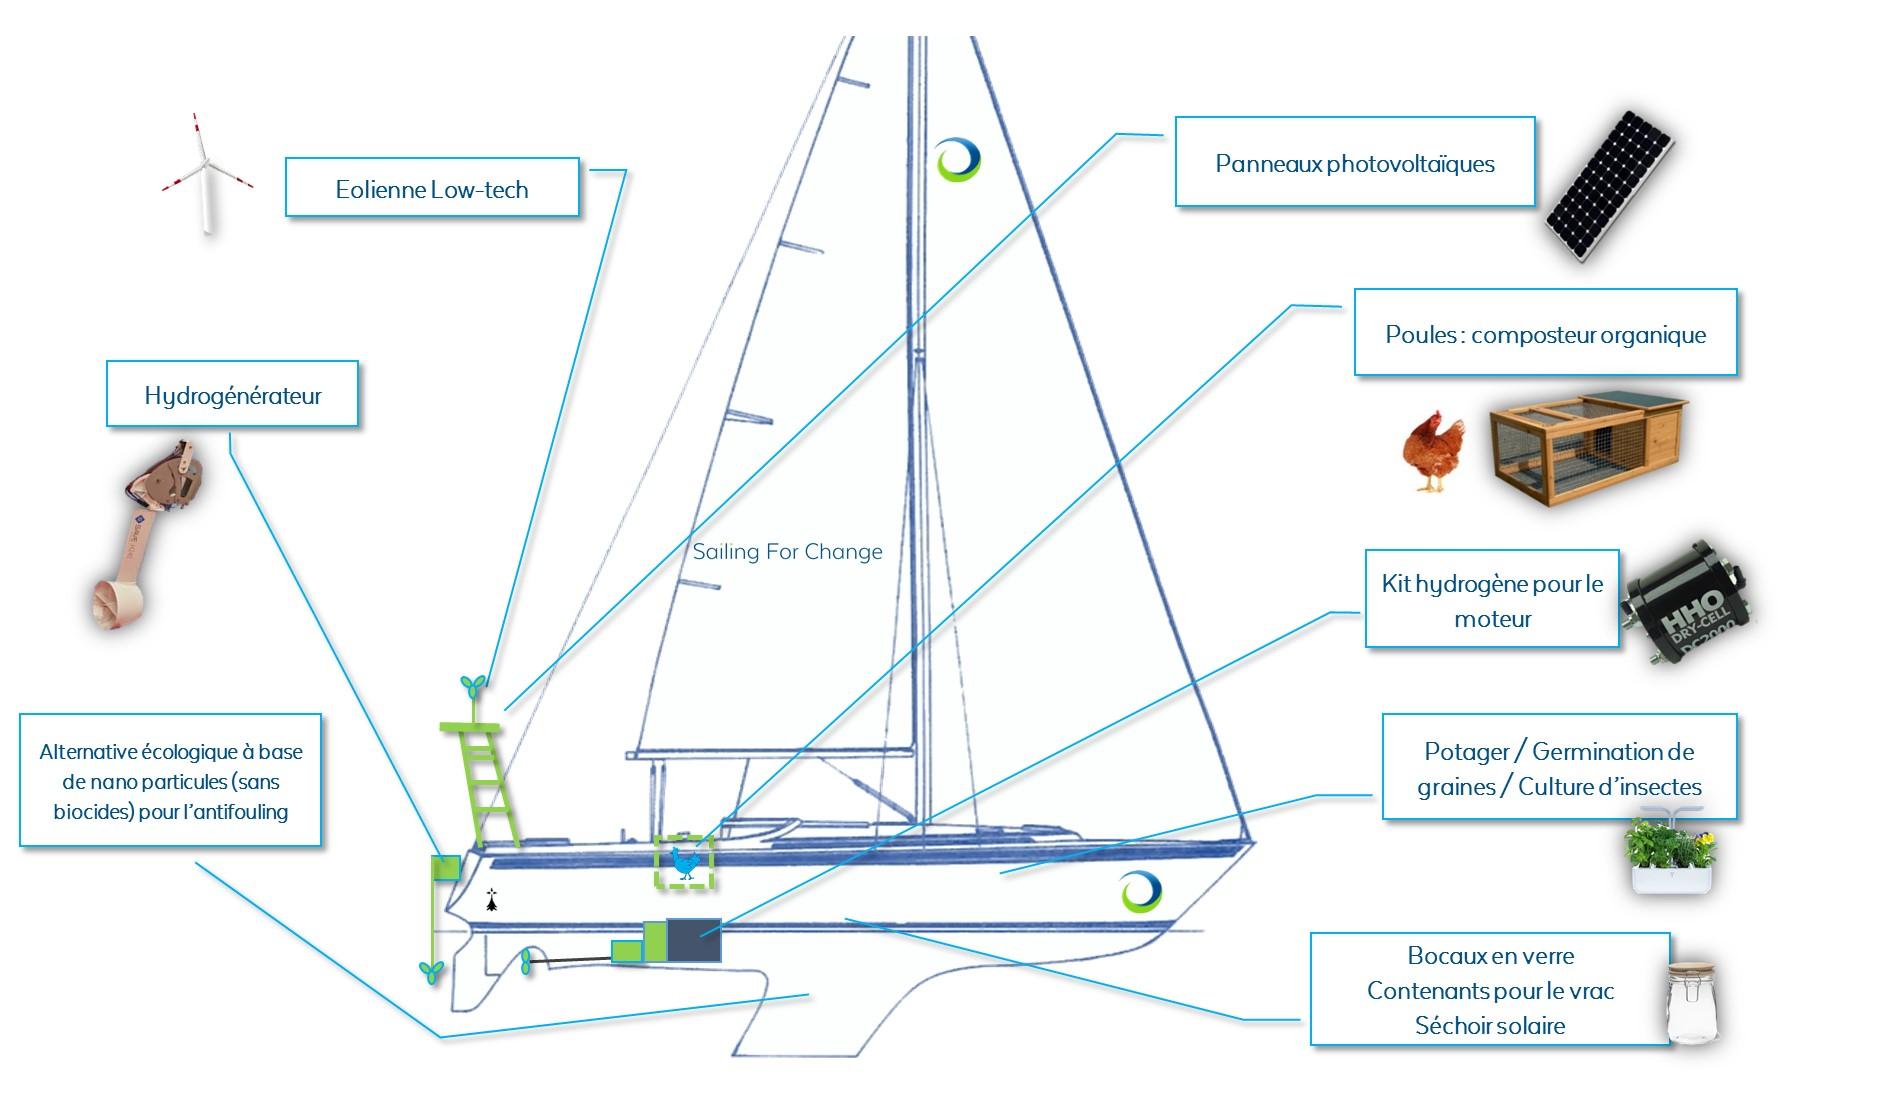 Crédit photo : Expédition Sailing for Change